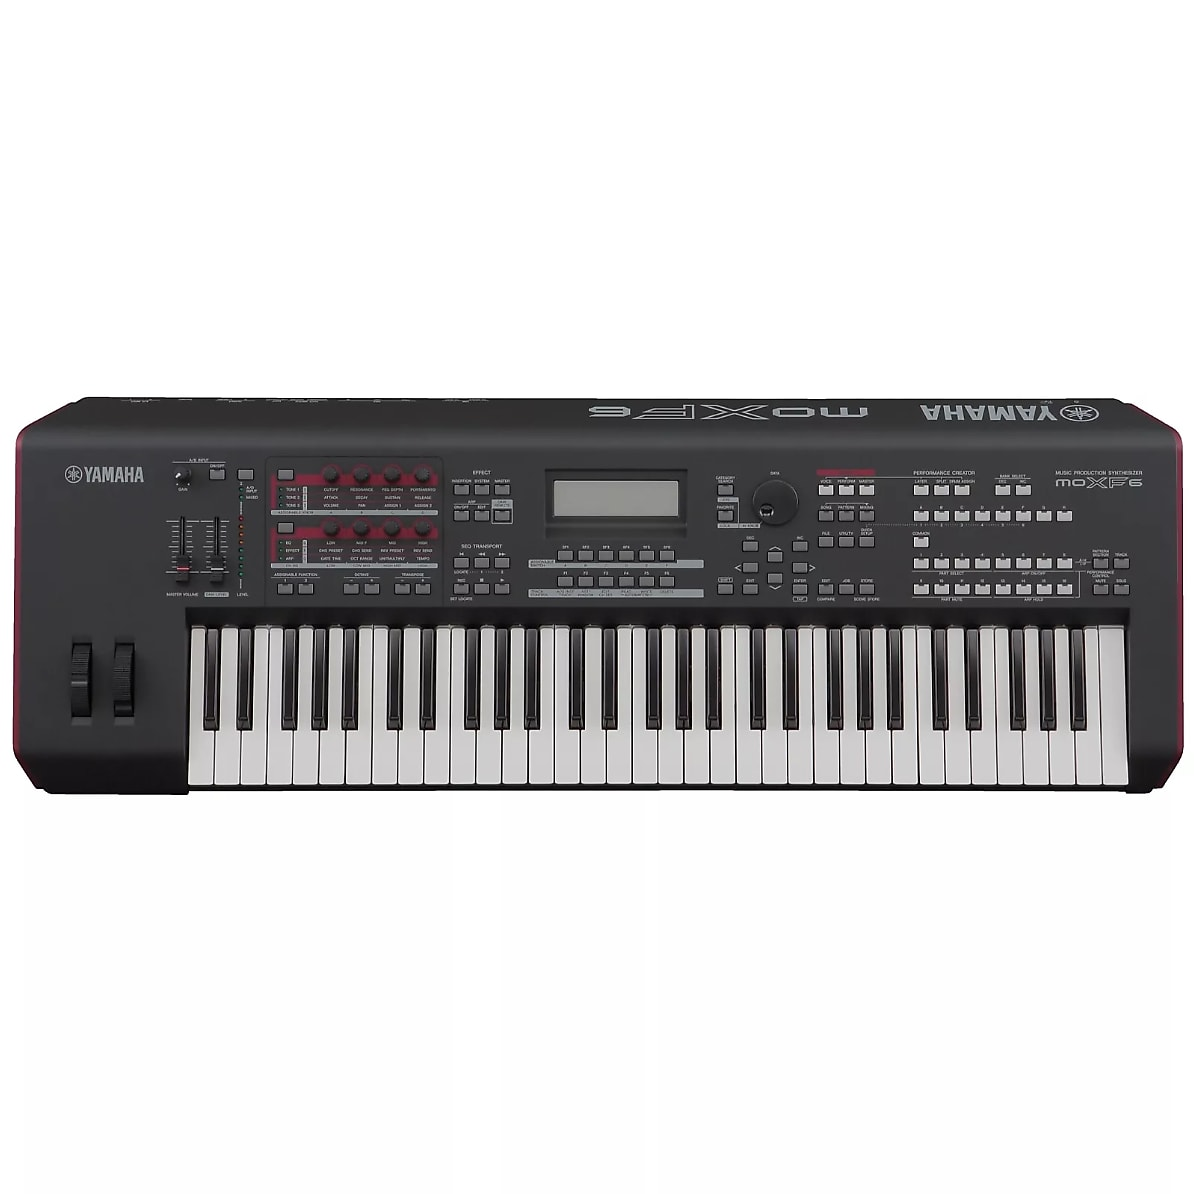 Yamaha MOXF 6 Music Production Synthesizer Workstation   Reverb